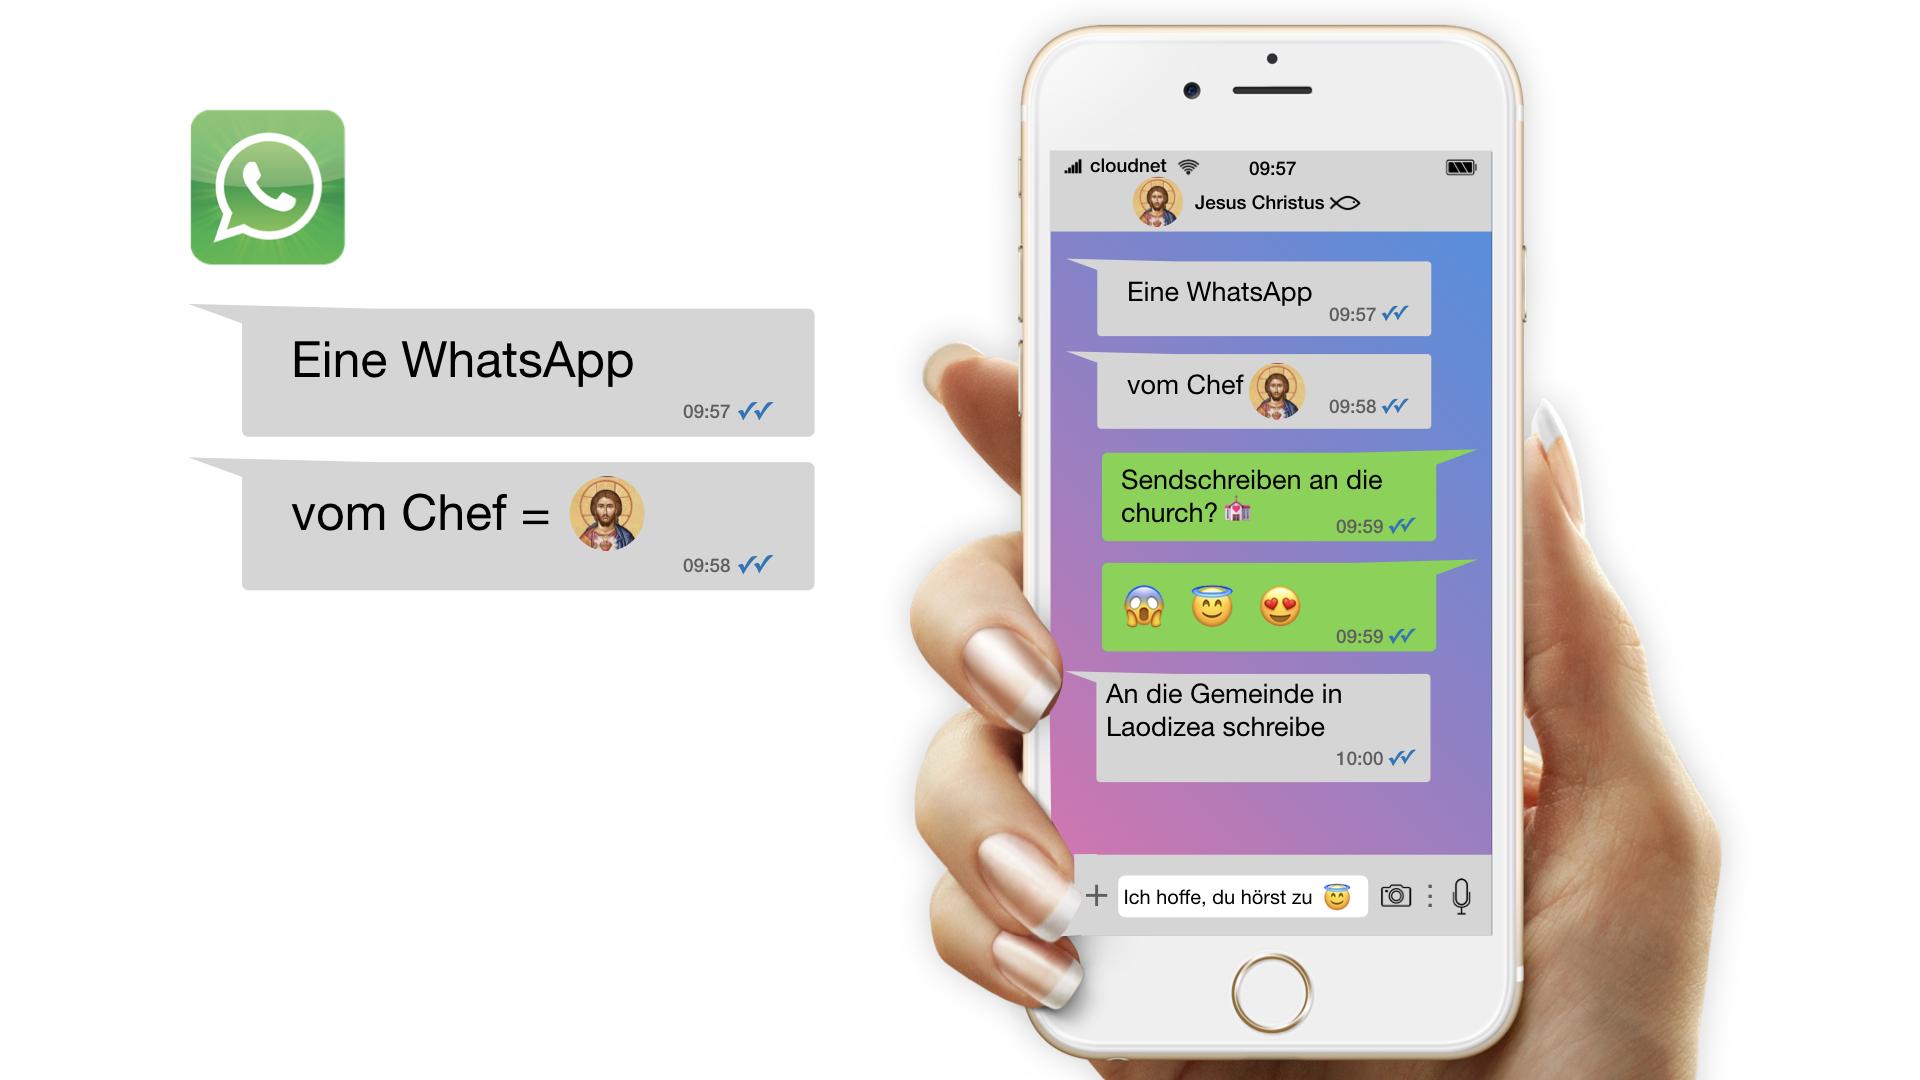 Eine WhatsApp vom Chef / Gemeinde in Laodizea